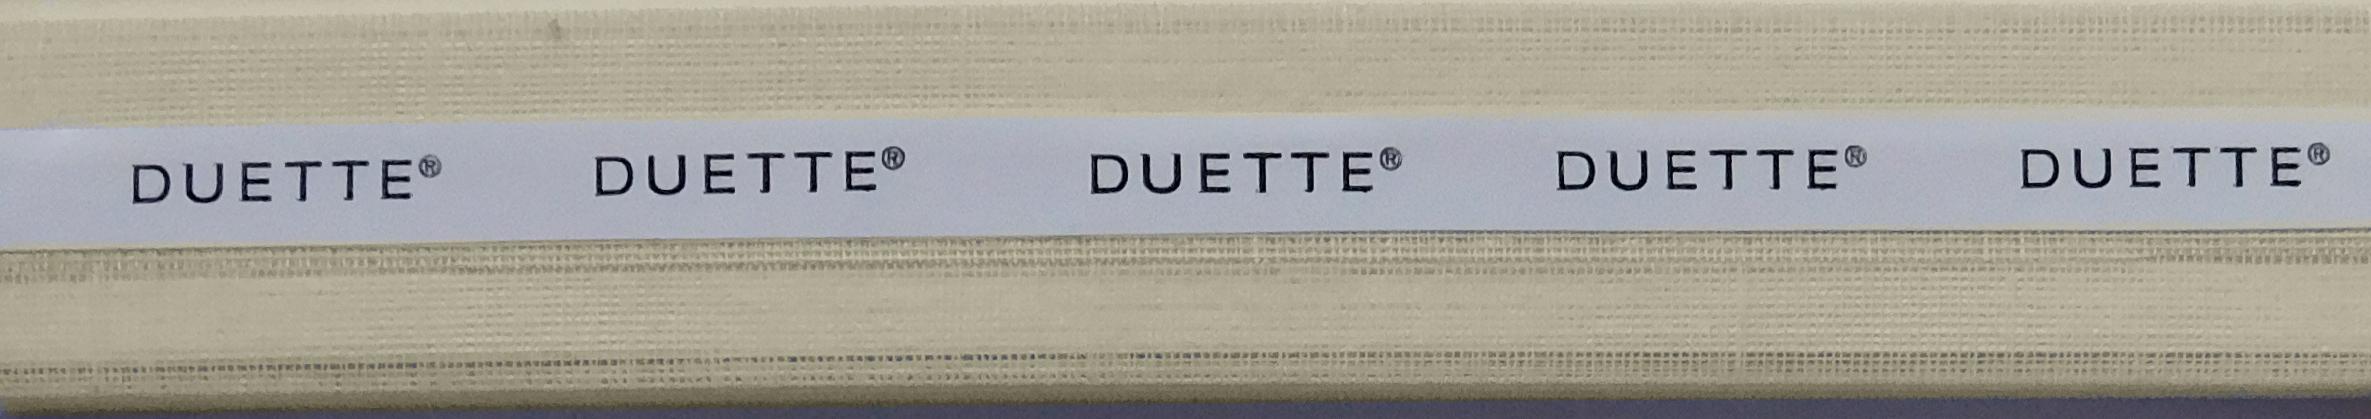 Batiste Sheer Fulltone Papyrus Duette sample